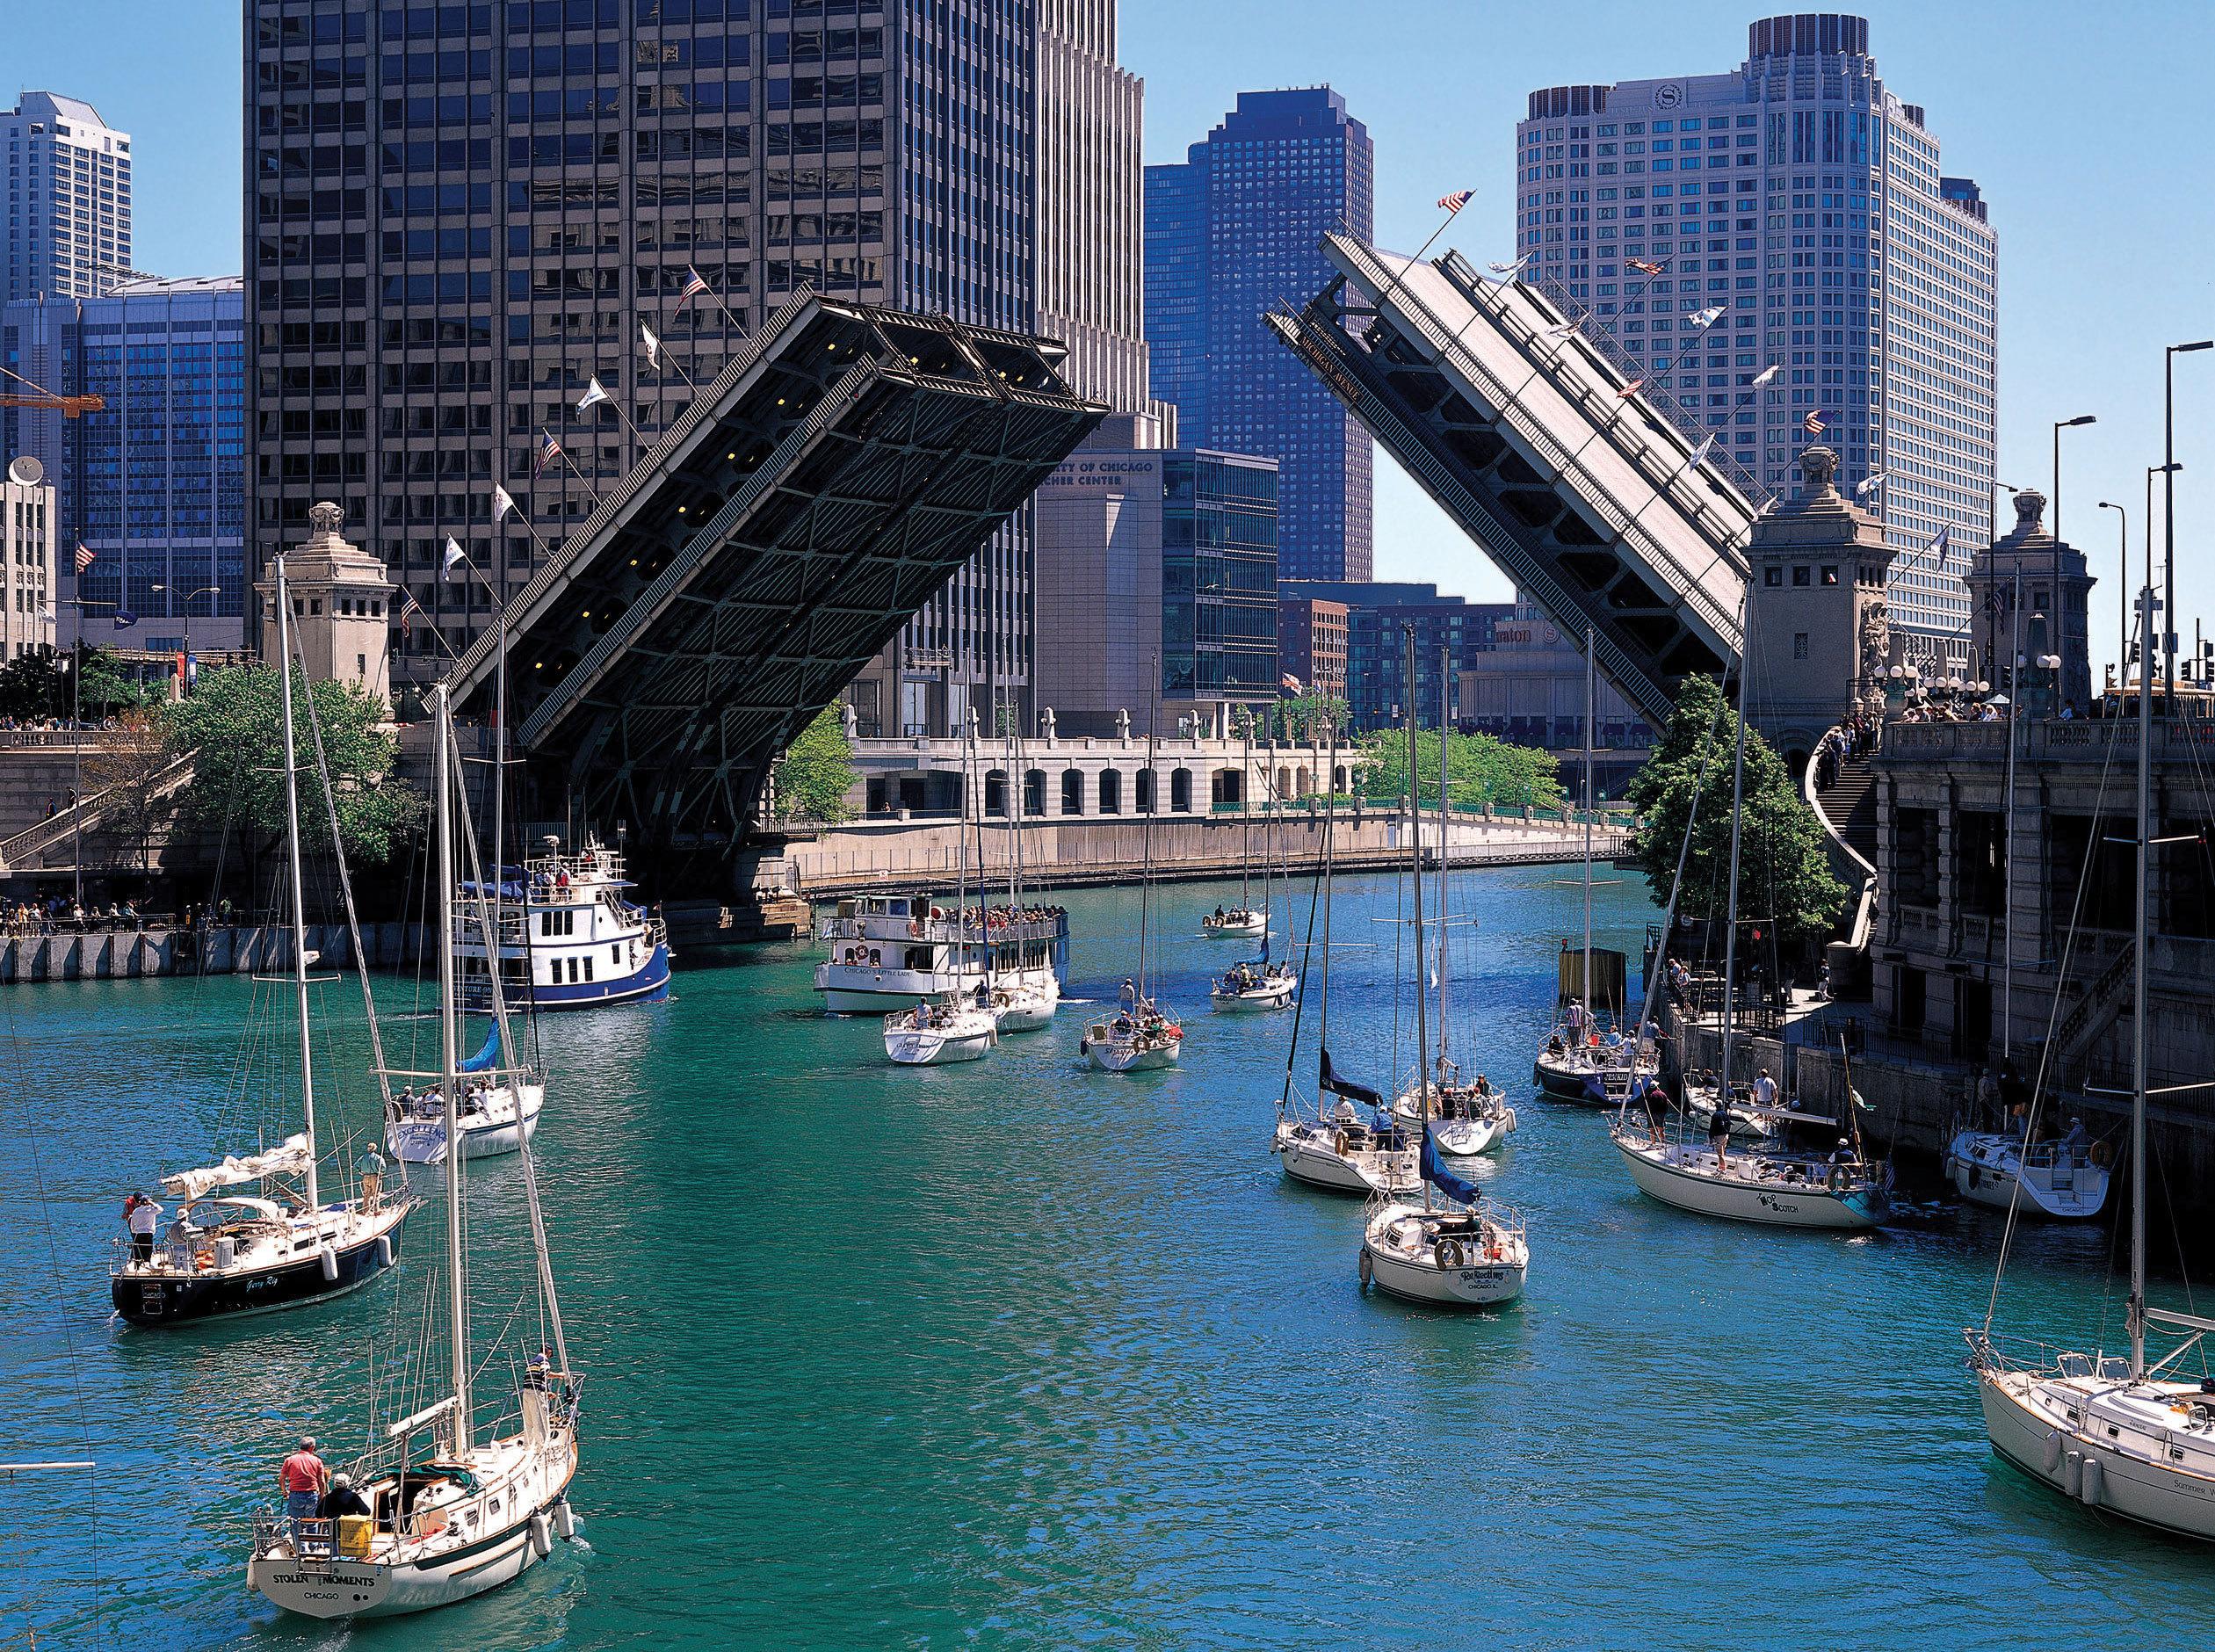 города америки фото с названиями пятна